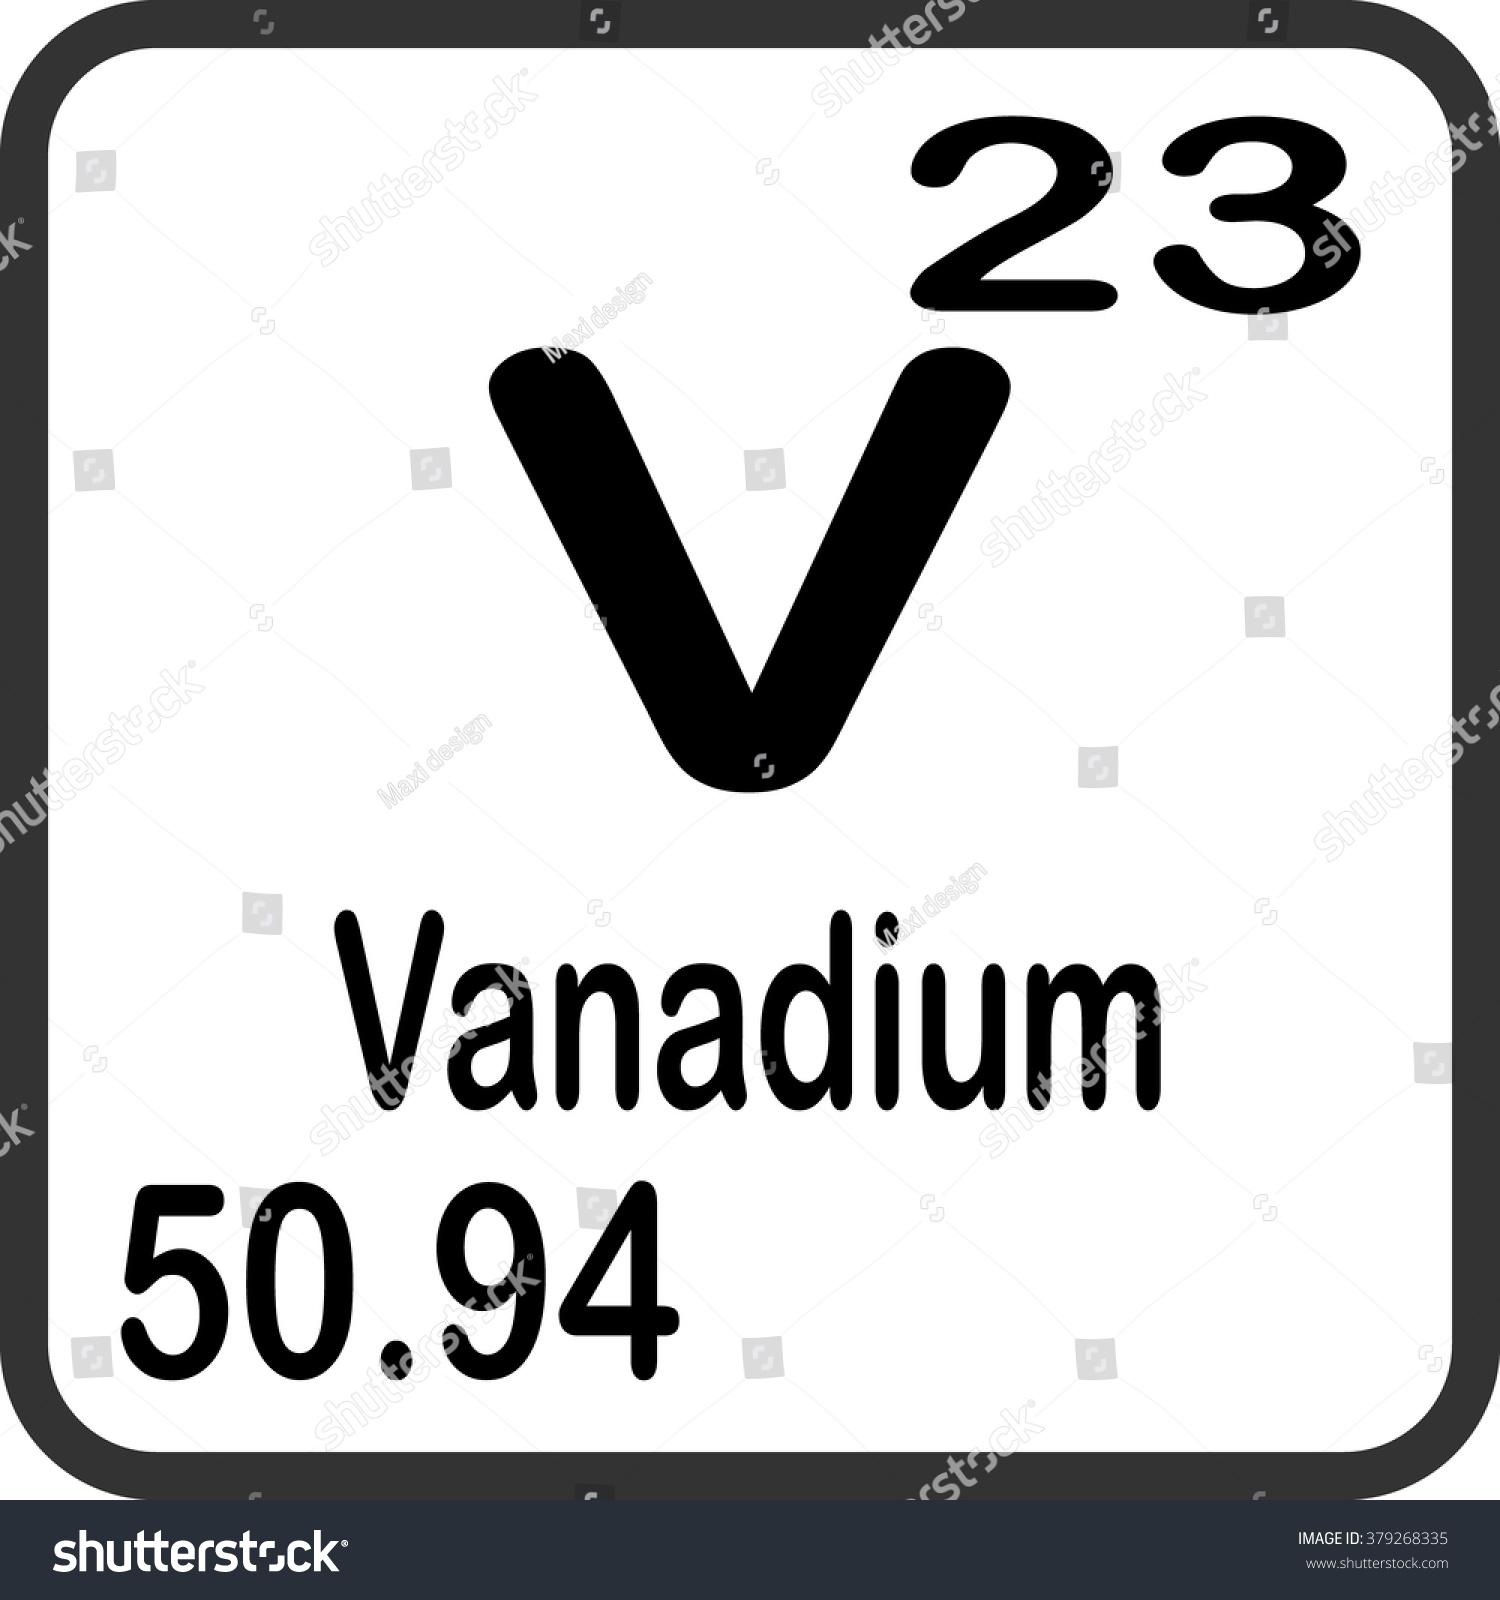 Periodic table elements vanadium stock vector 2018 379268335 periodic table of elements vanadium urtaz Choice Image